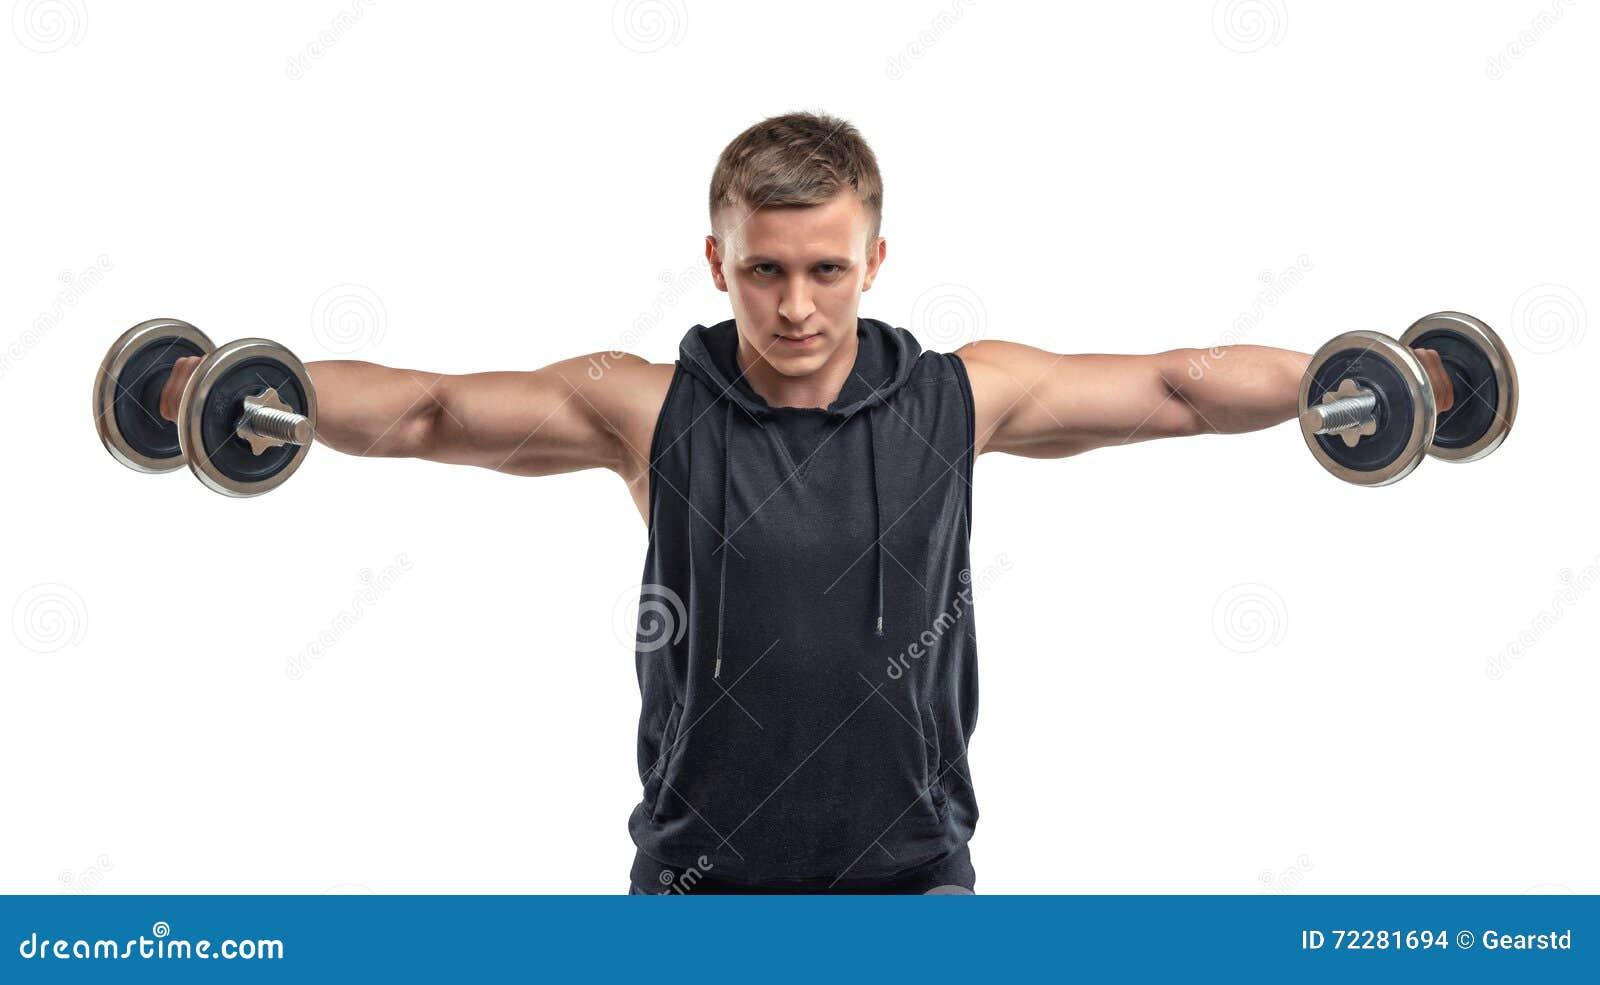 Download Спортсмен Coutout уверенно поднимает гантели для тренировки его плеч и дельтоидов Стоковое Фото - изображение насчитывающей гимнастика, уверенно: 72281694